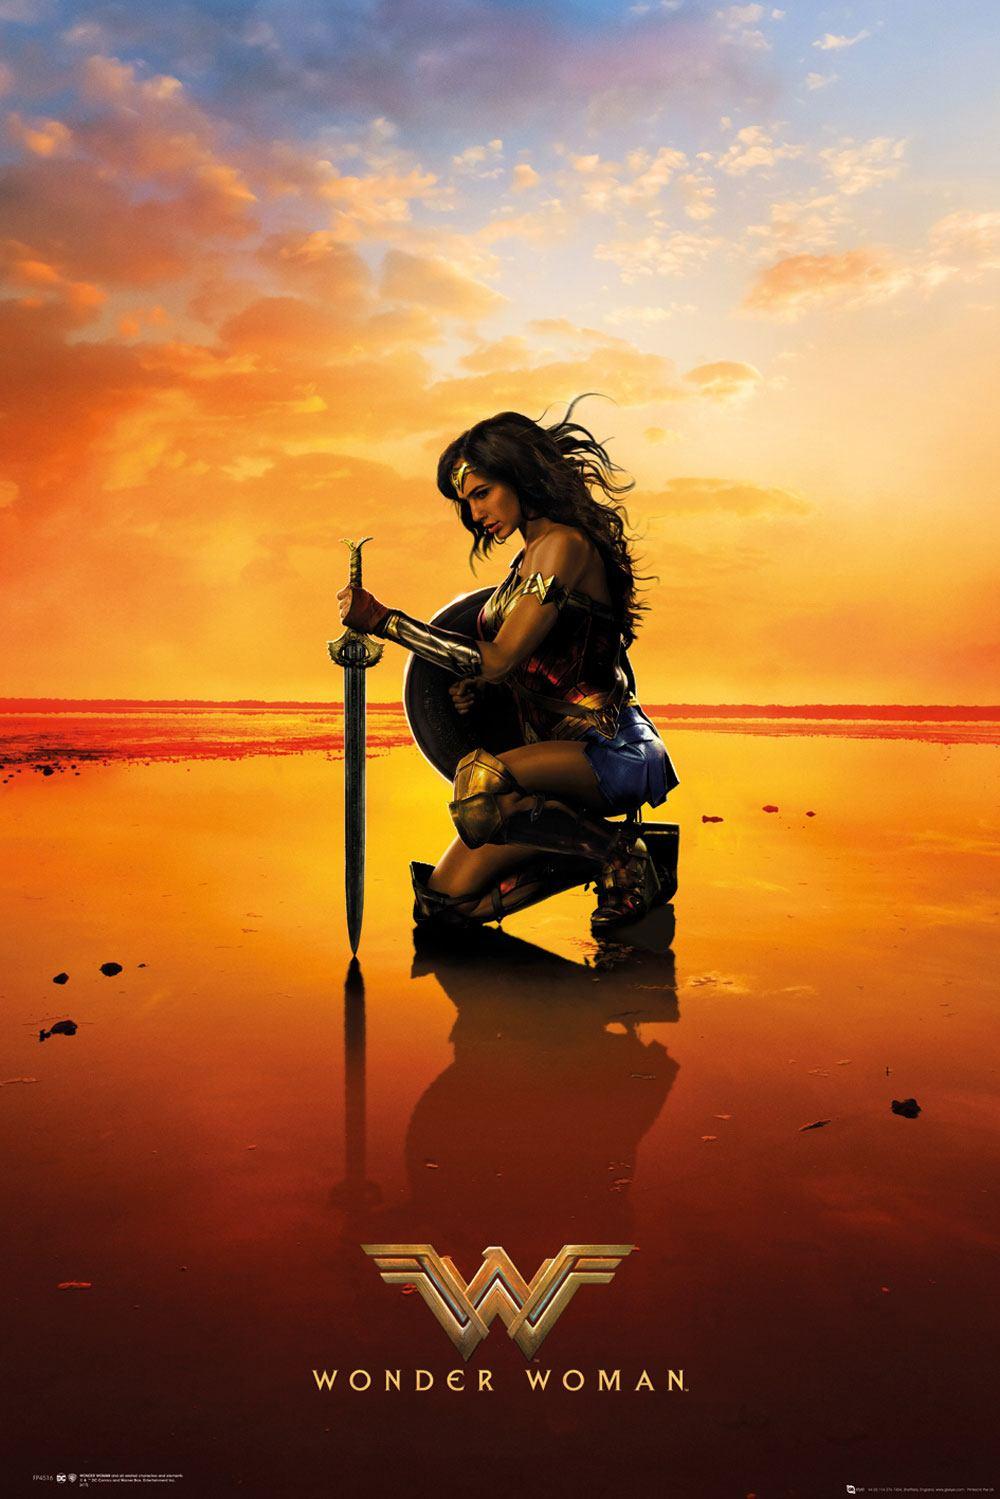 Wonder Woman Poster Pack Kneel 61 x 91 cm (5)